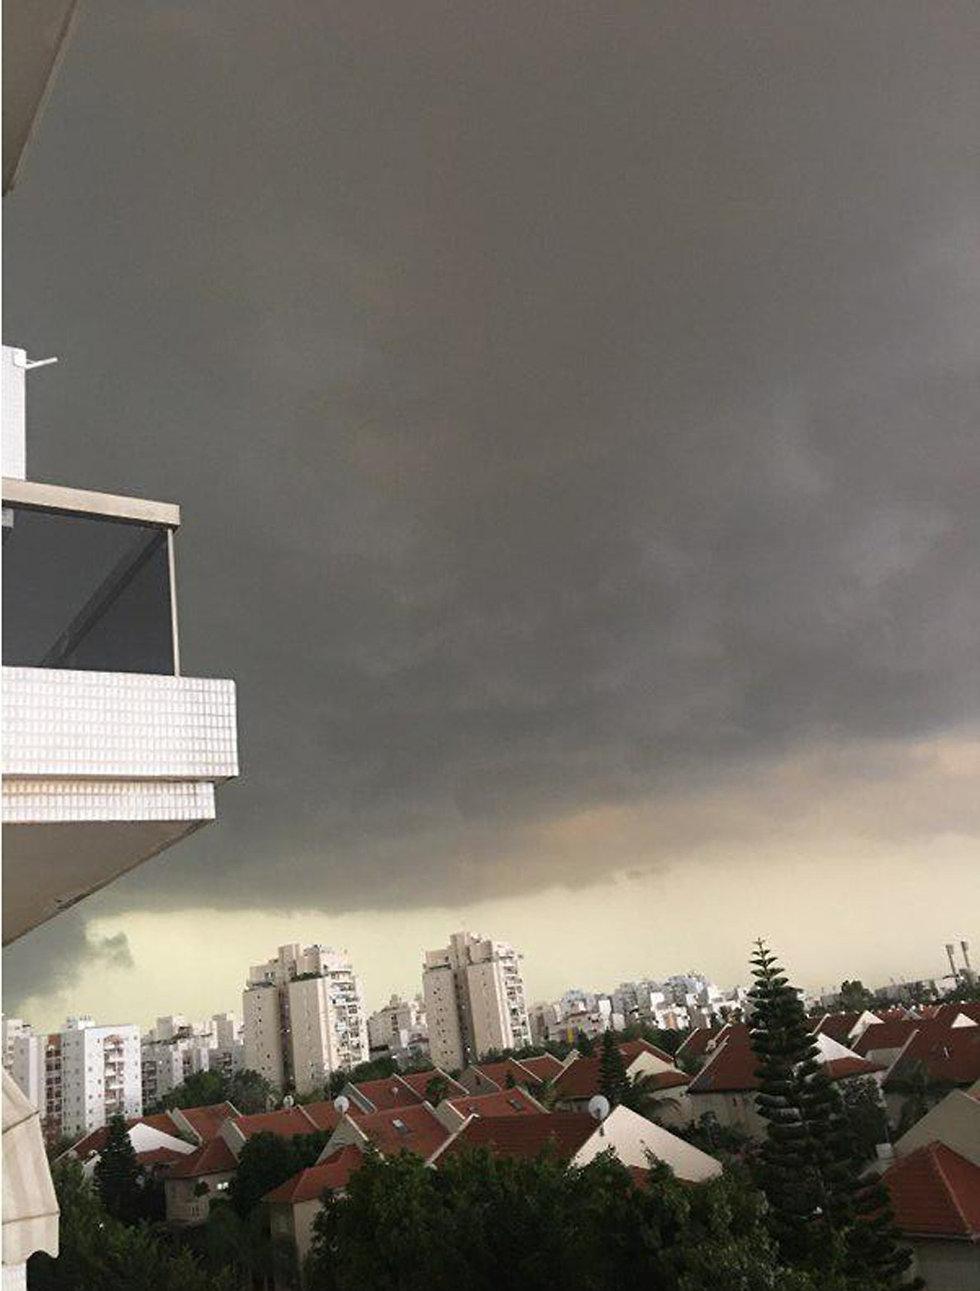 סערה בראשון לציון (צילום: שלום עטייה)